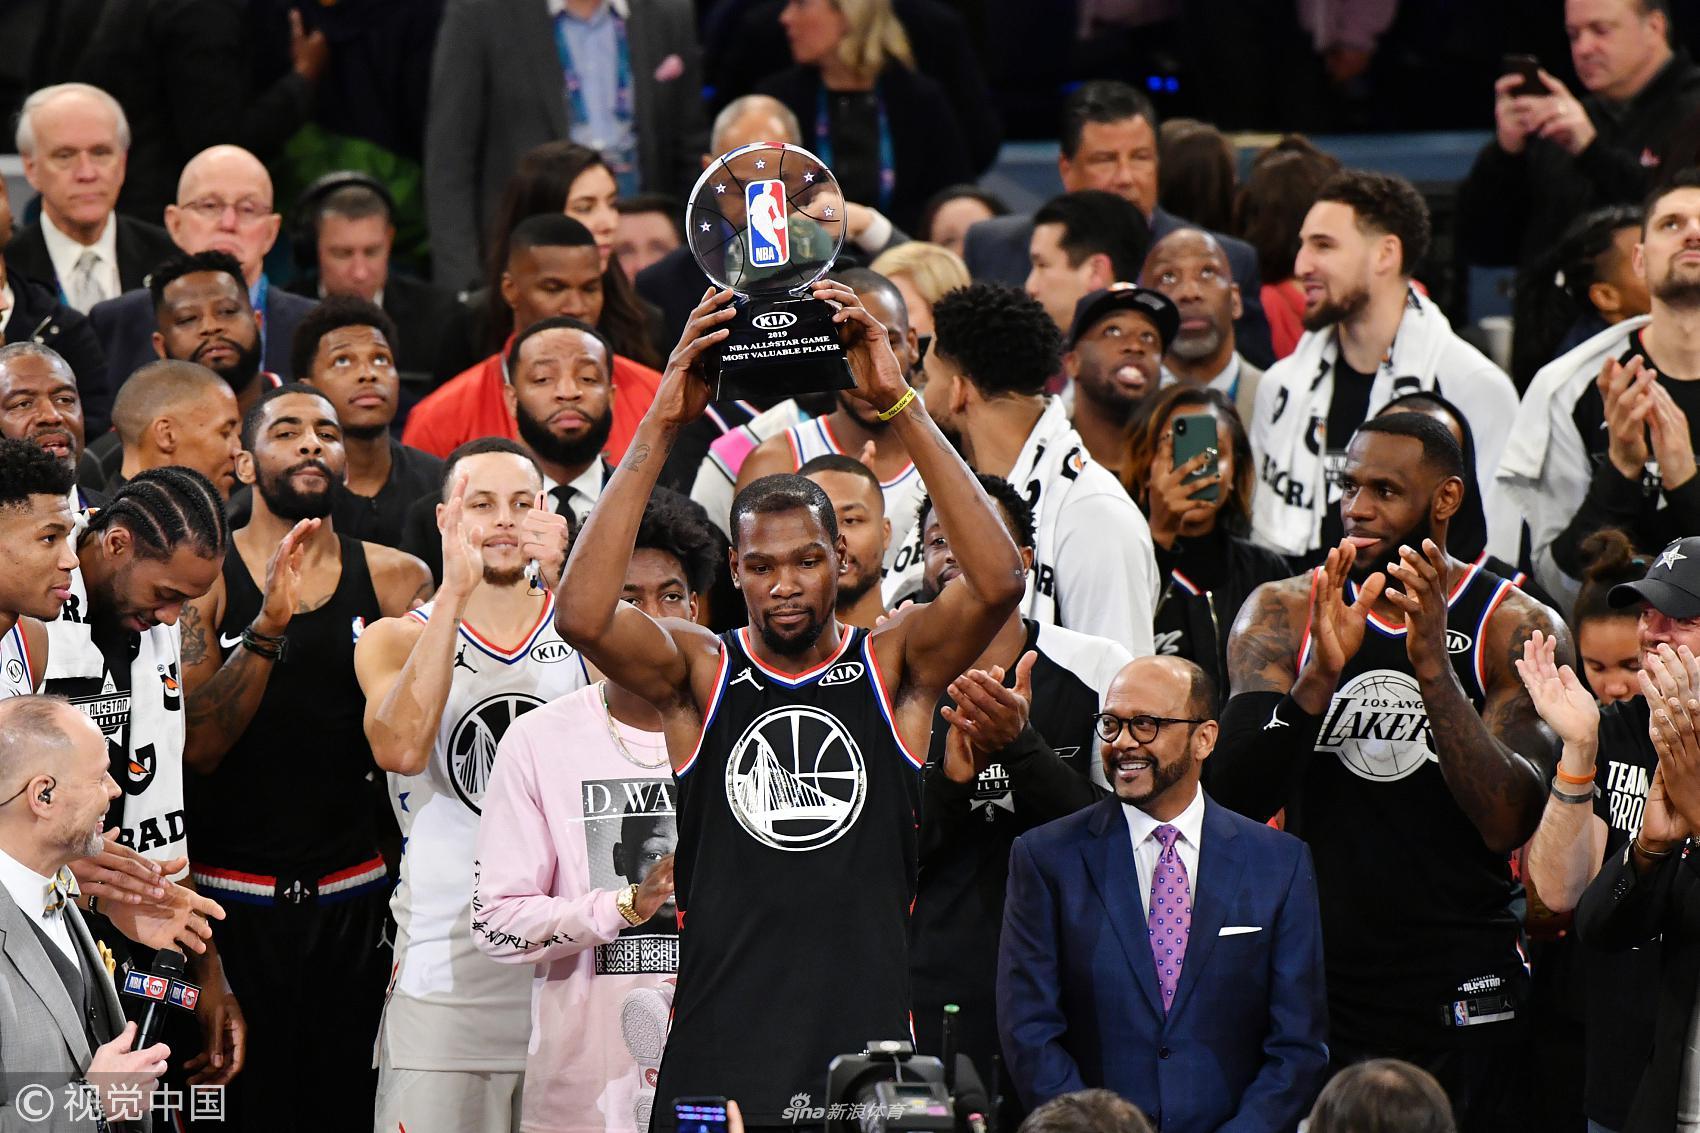 2019年02月18日NBA全明星赛 詹姆斯队vs字母哥队 全场录像回放